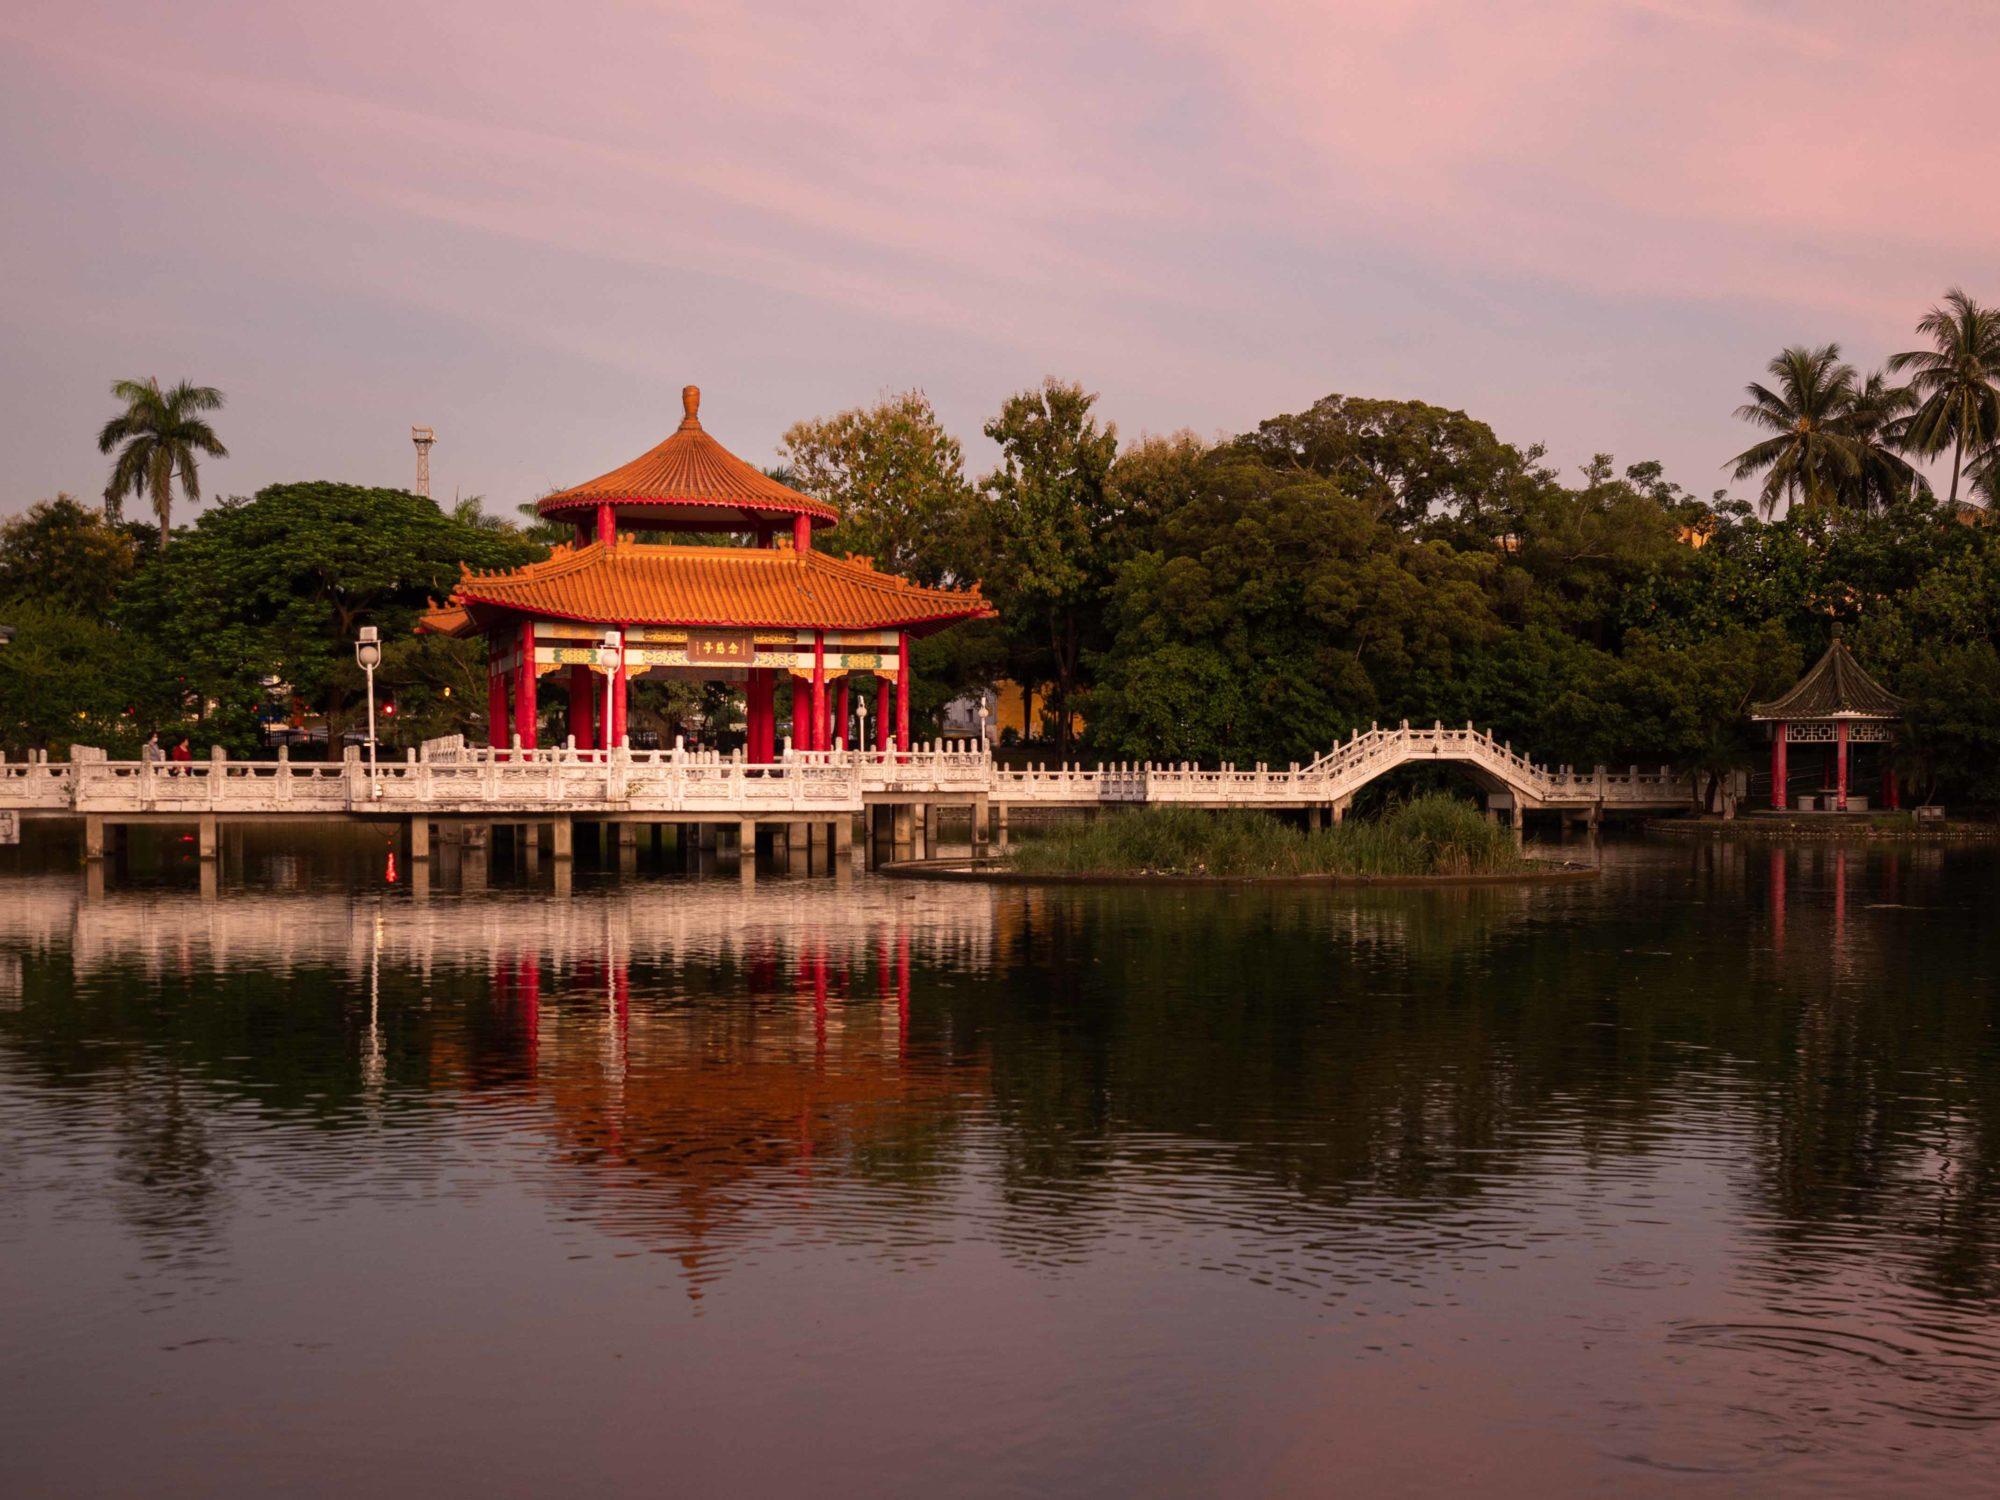 Tainan beautiful picture sunset